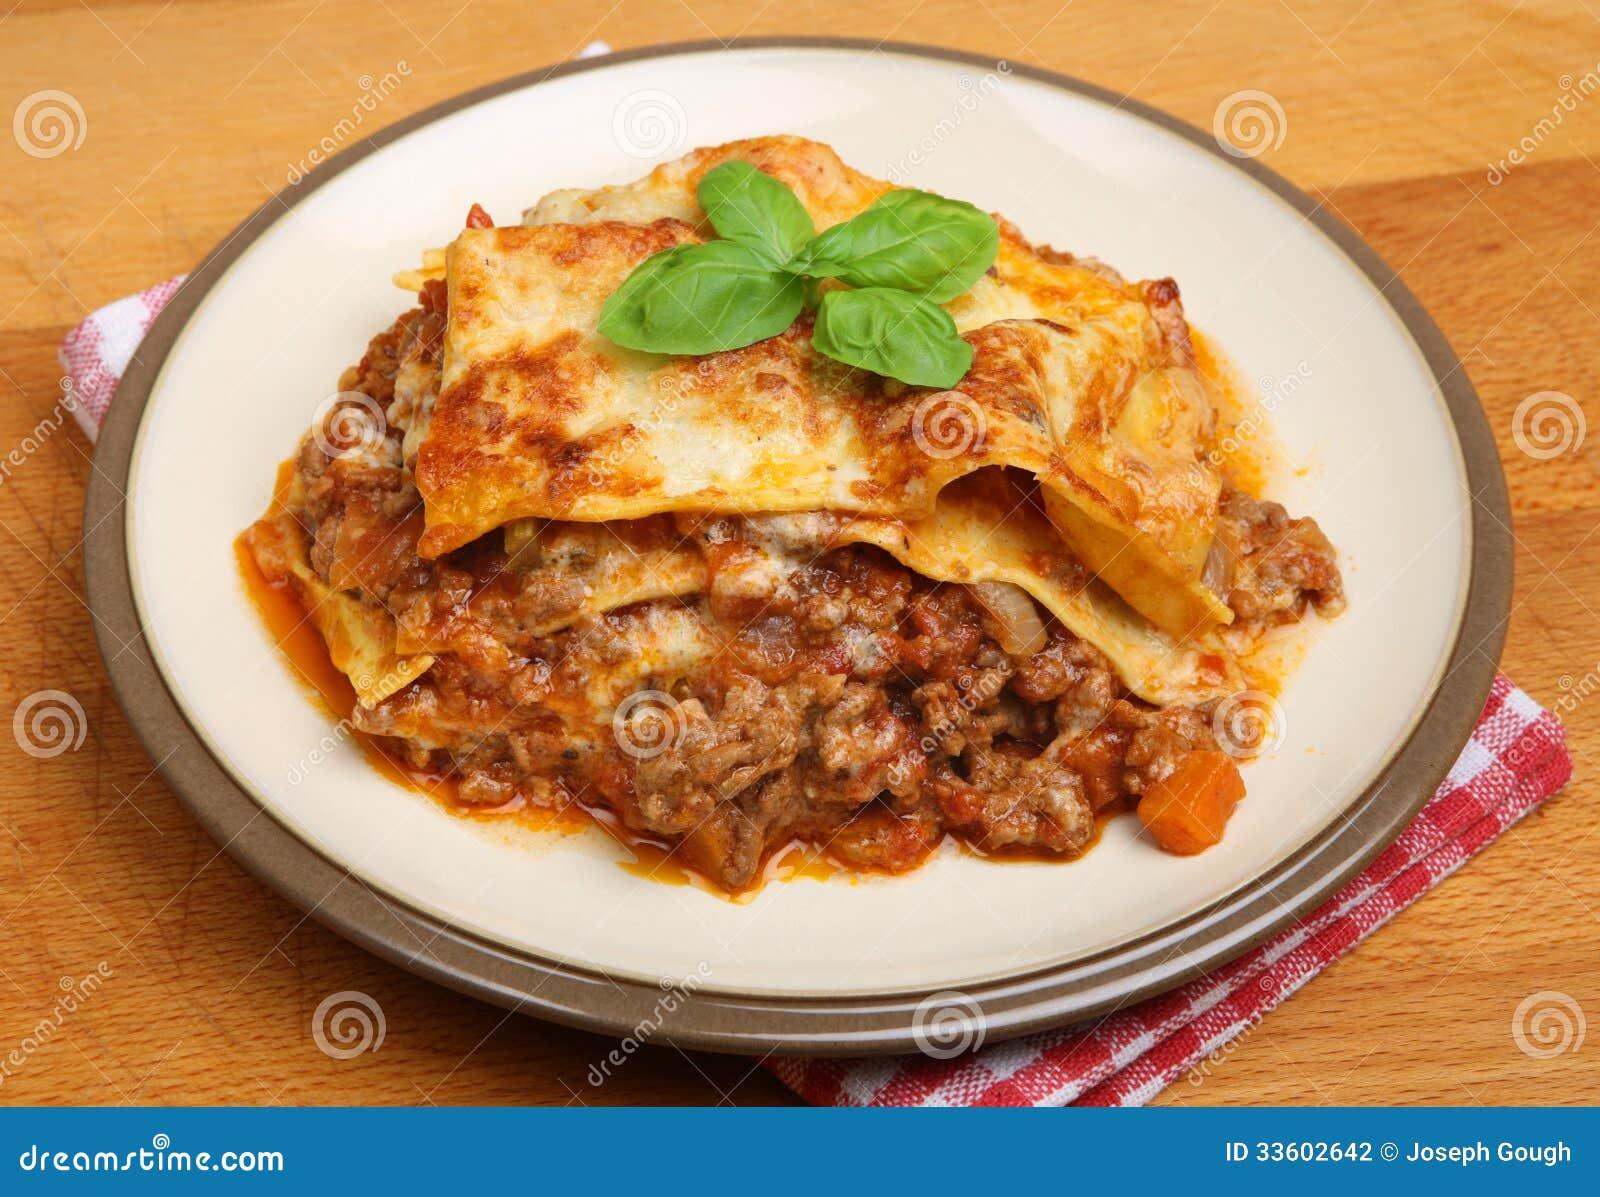 Plat Fait Maison De Lasagne De Boeuf Photo Stock Image Du Table Baked 33602642